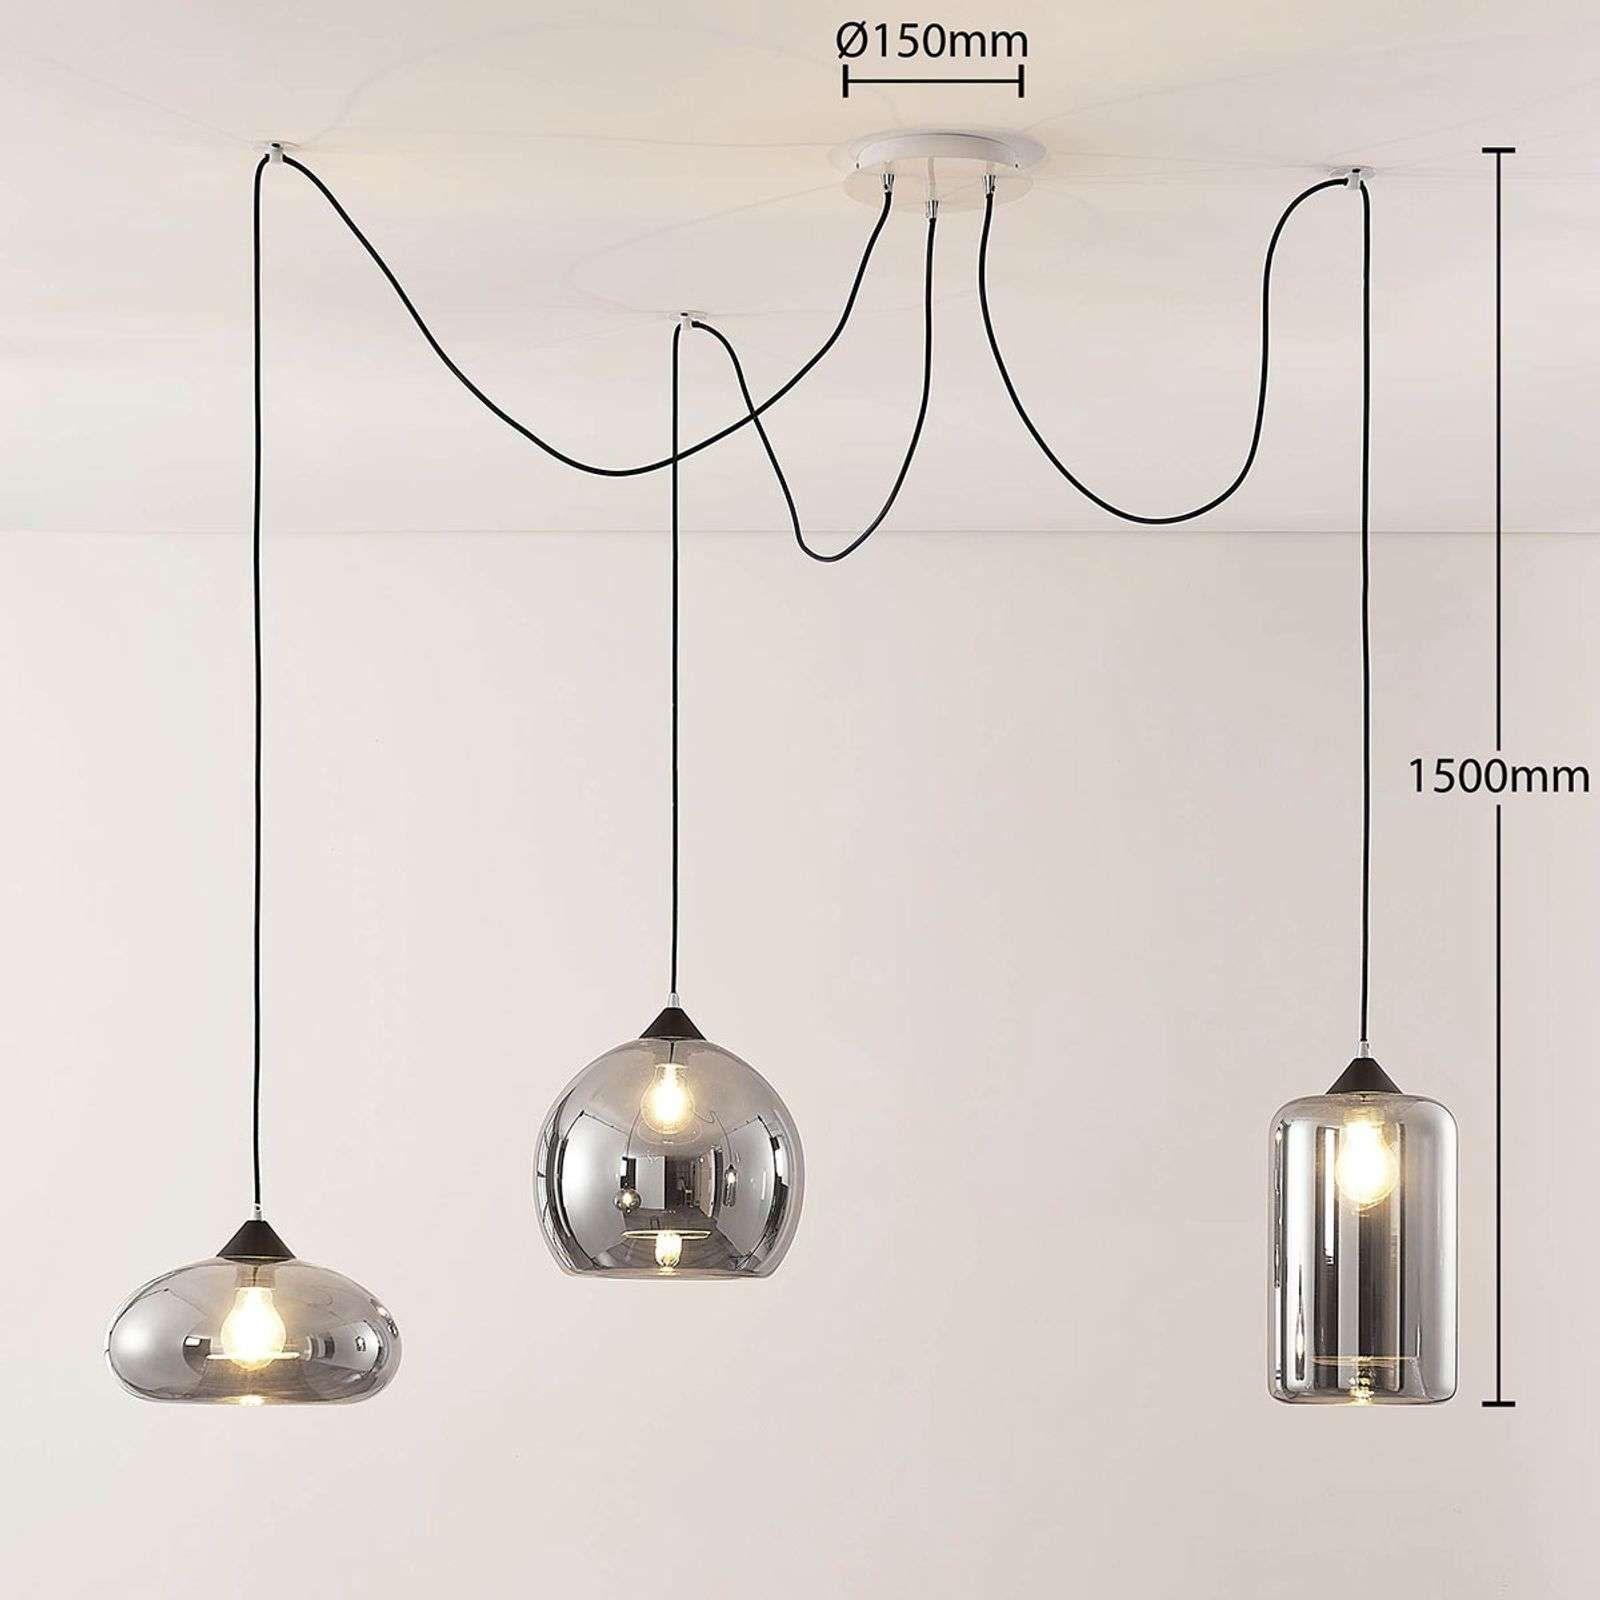 Hanglamp Raquel 3 Lamps Rookglazen Kappen Van Lampenwelt Com Hanglamp Lichtluifel Verlichting Woning